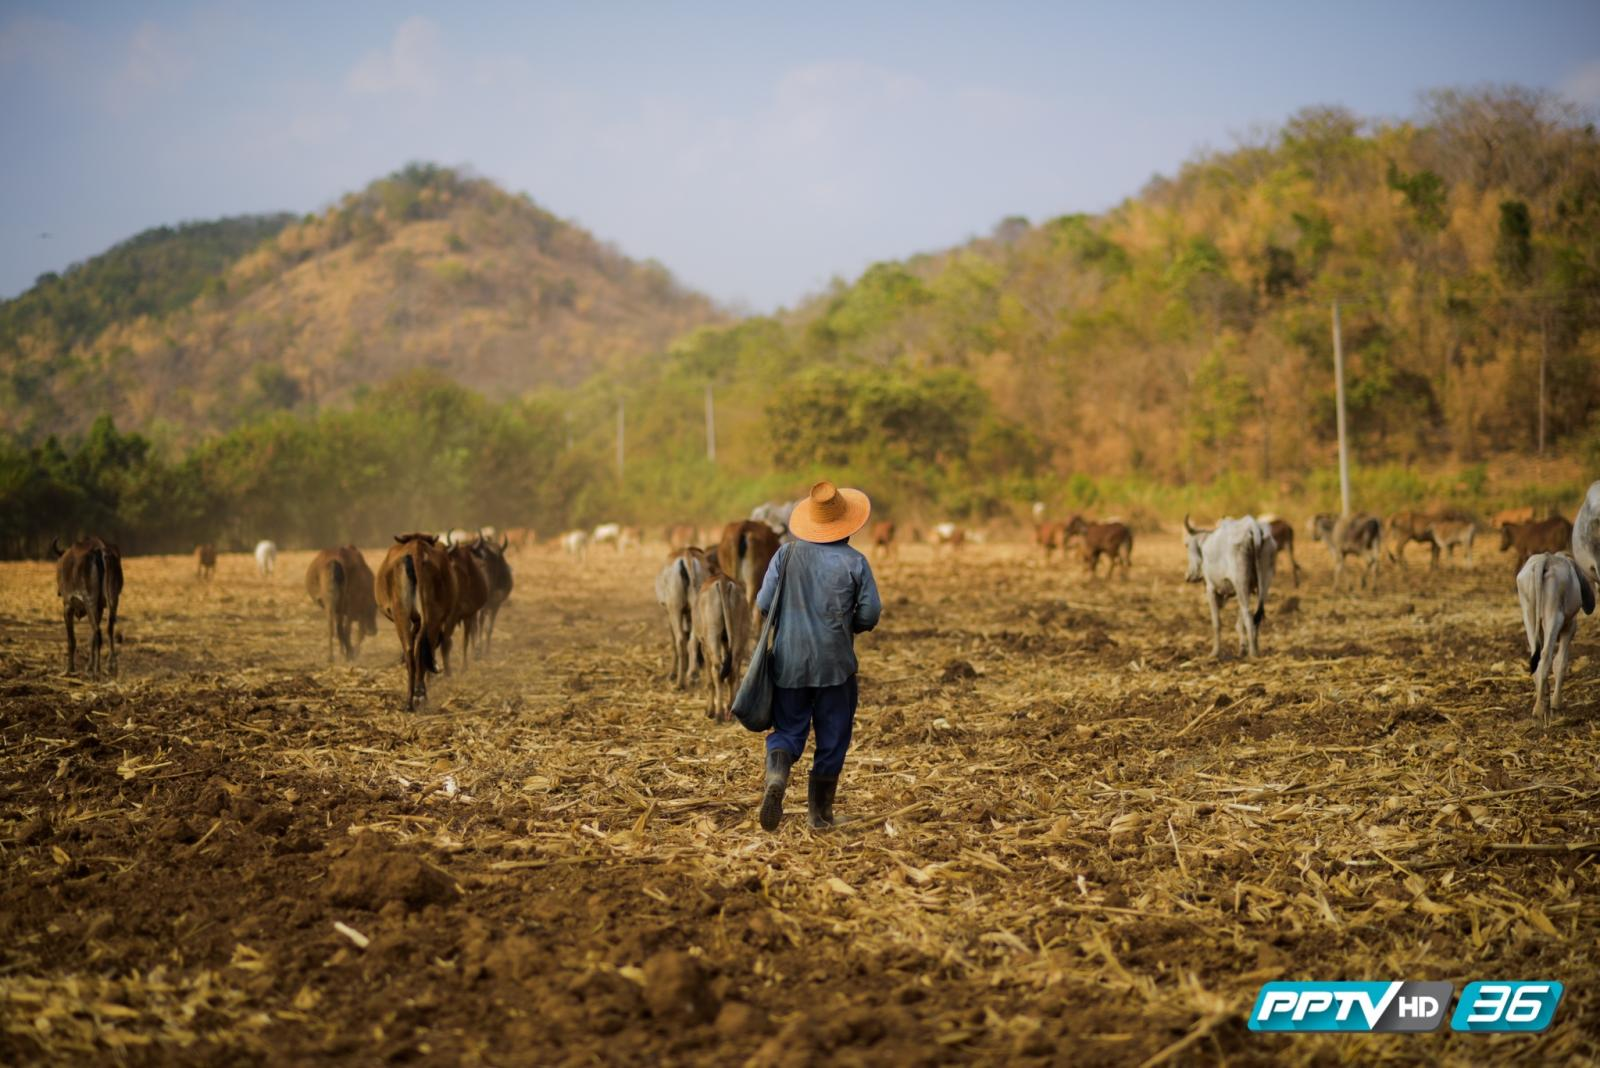 ผลการค้นหารูปภาพสำหรับ คนเลี้ยงวัว